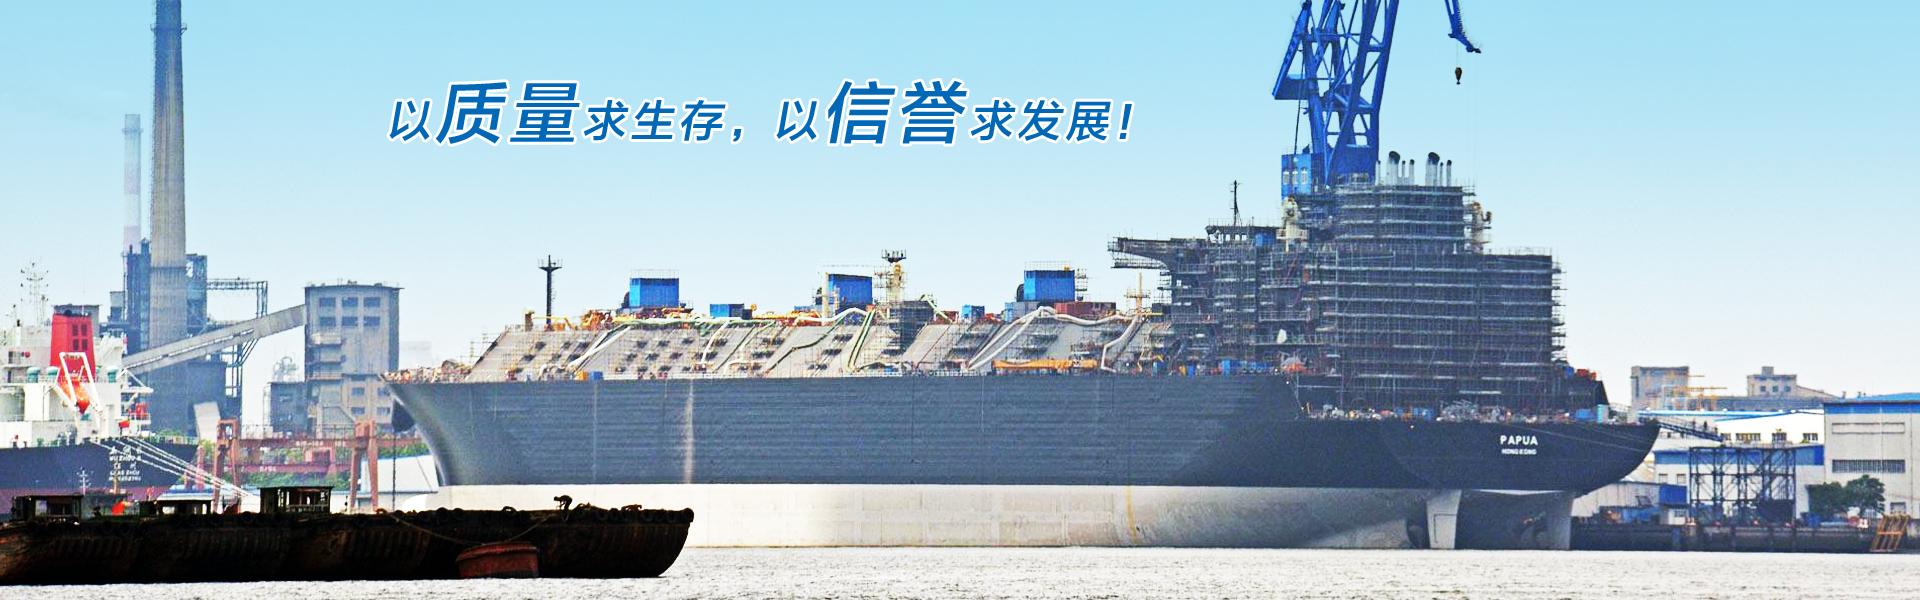 肇庆市高要新中石化管道配件北京赛车pk拾开奖直播既拥有电热推制弯头及大弯生产线,又拥有热成型三通、异径管、法兰生产设备。